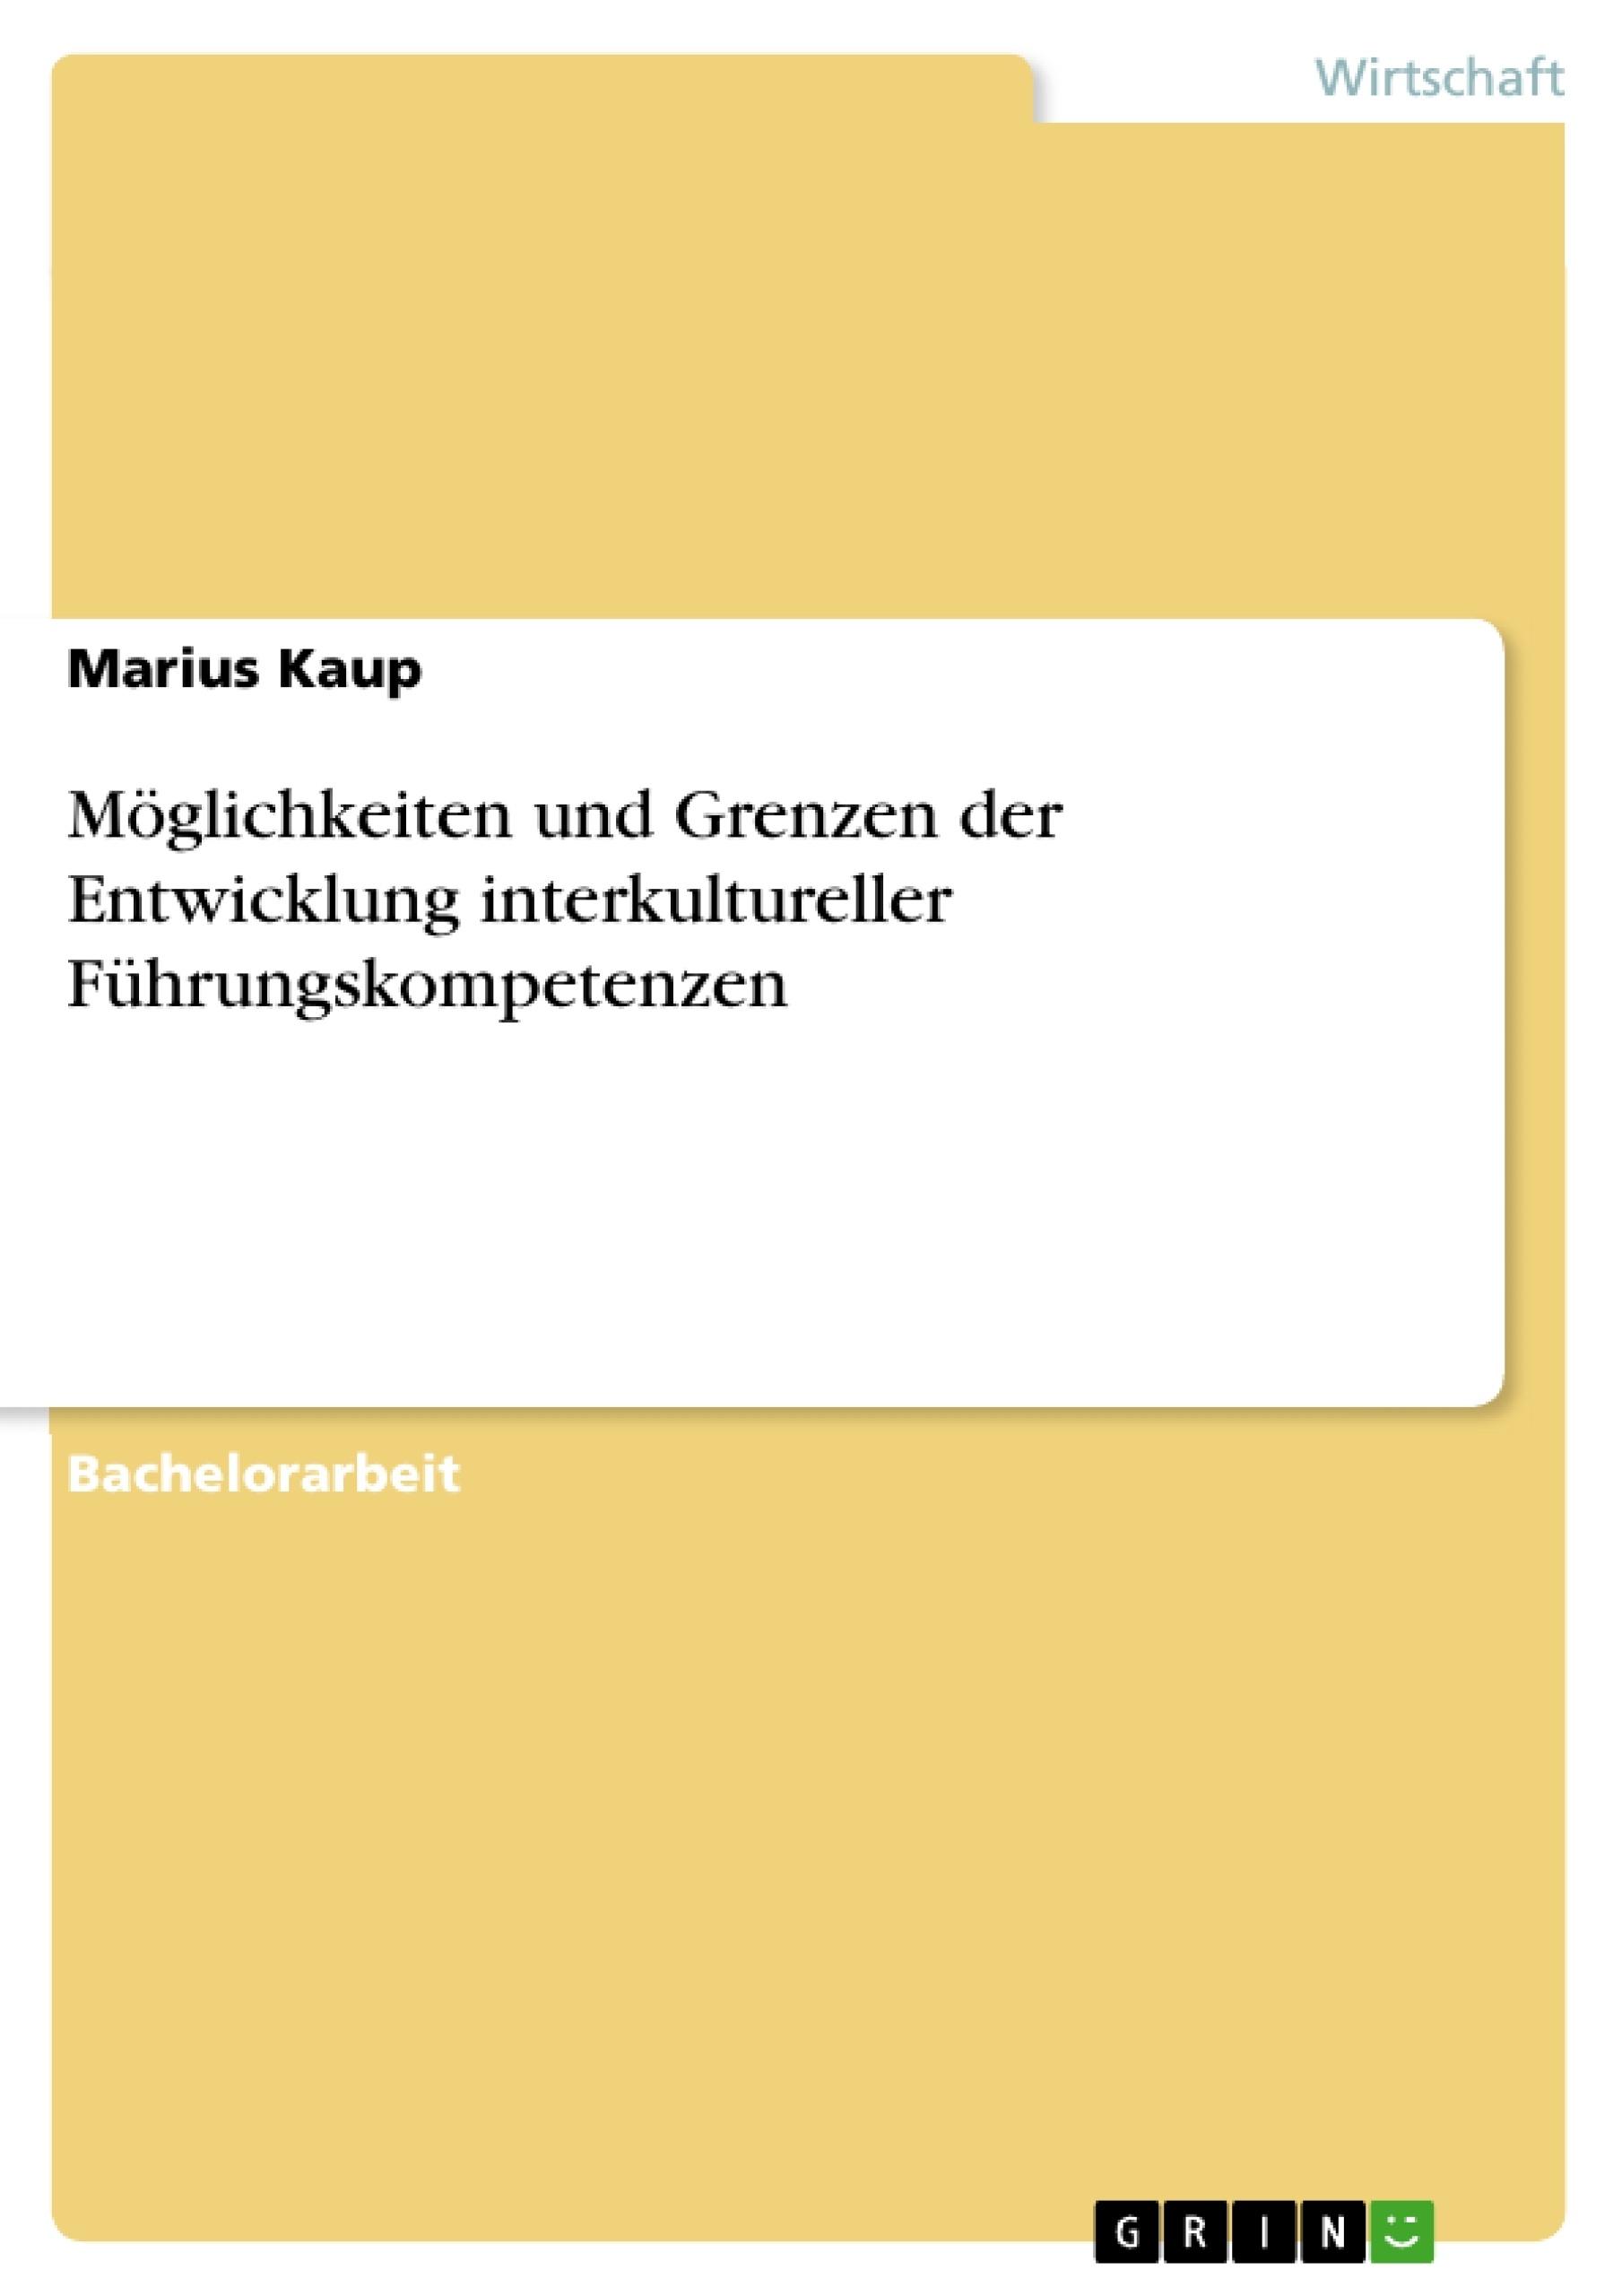 Titel: Möglichkeiten und Grenzen der Entwicklung interkultureller Führungskompetenzen